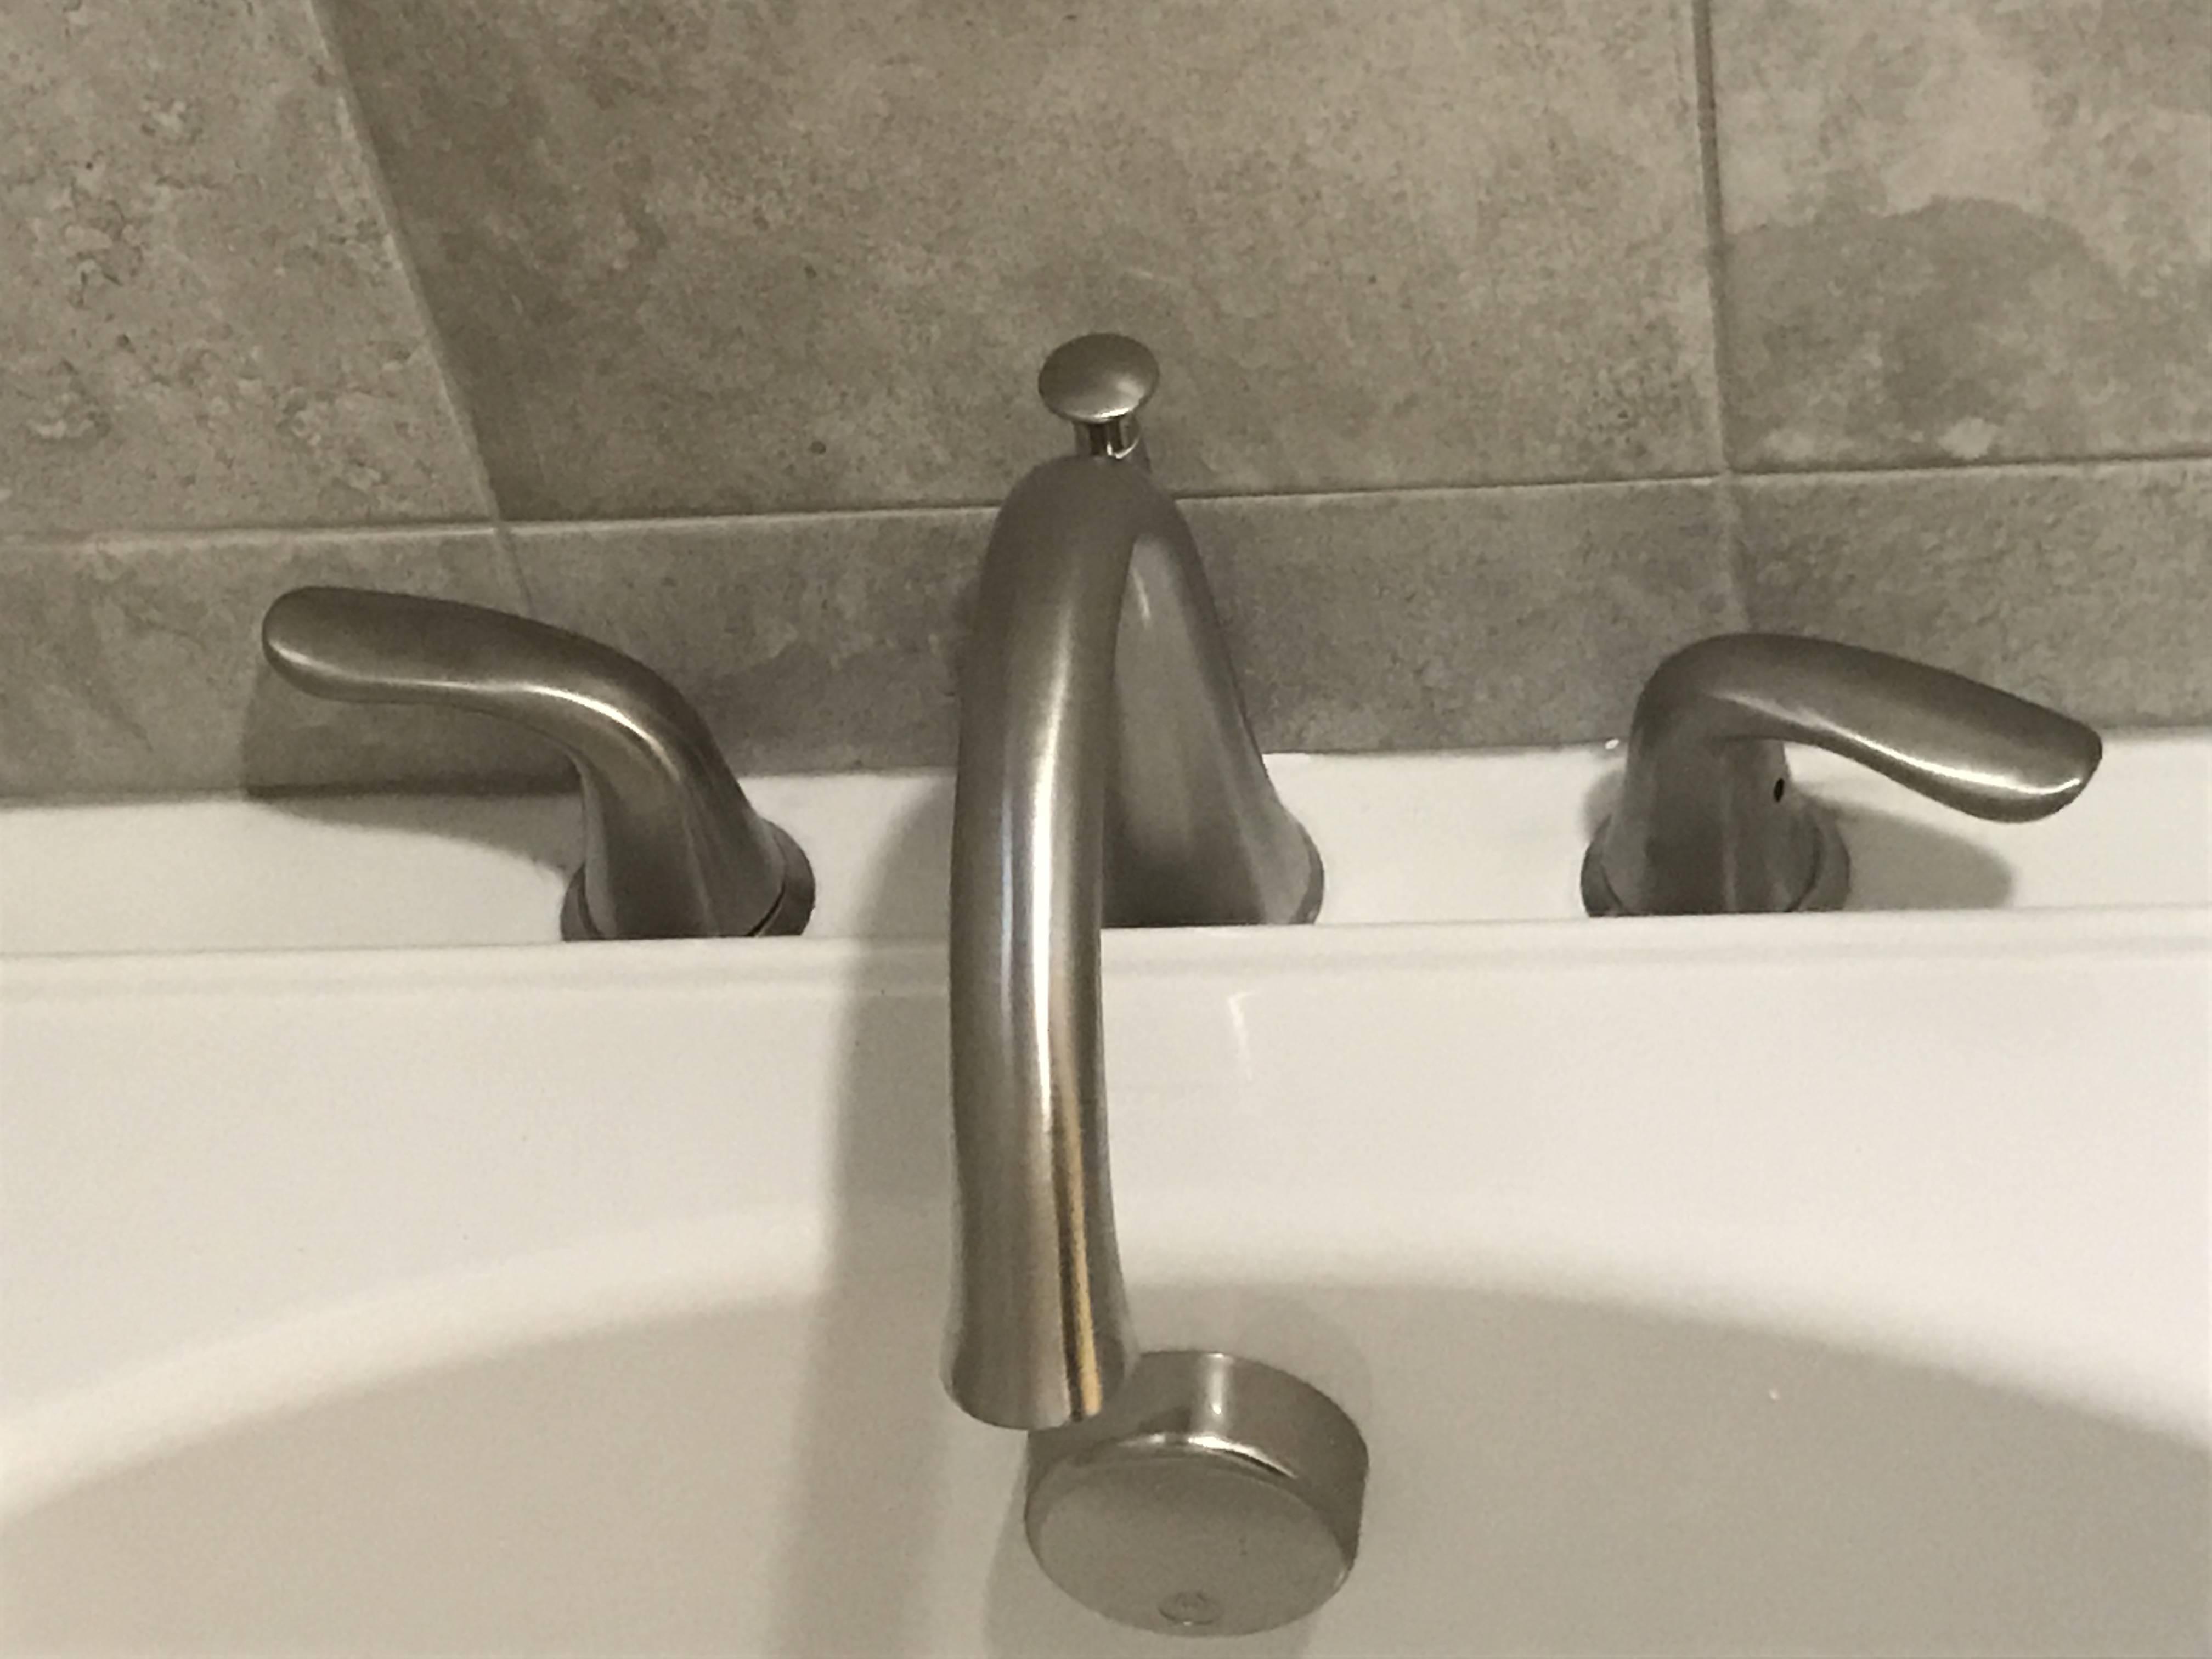 delta bathtub faucet unaligned handle